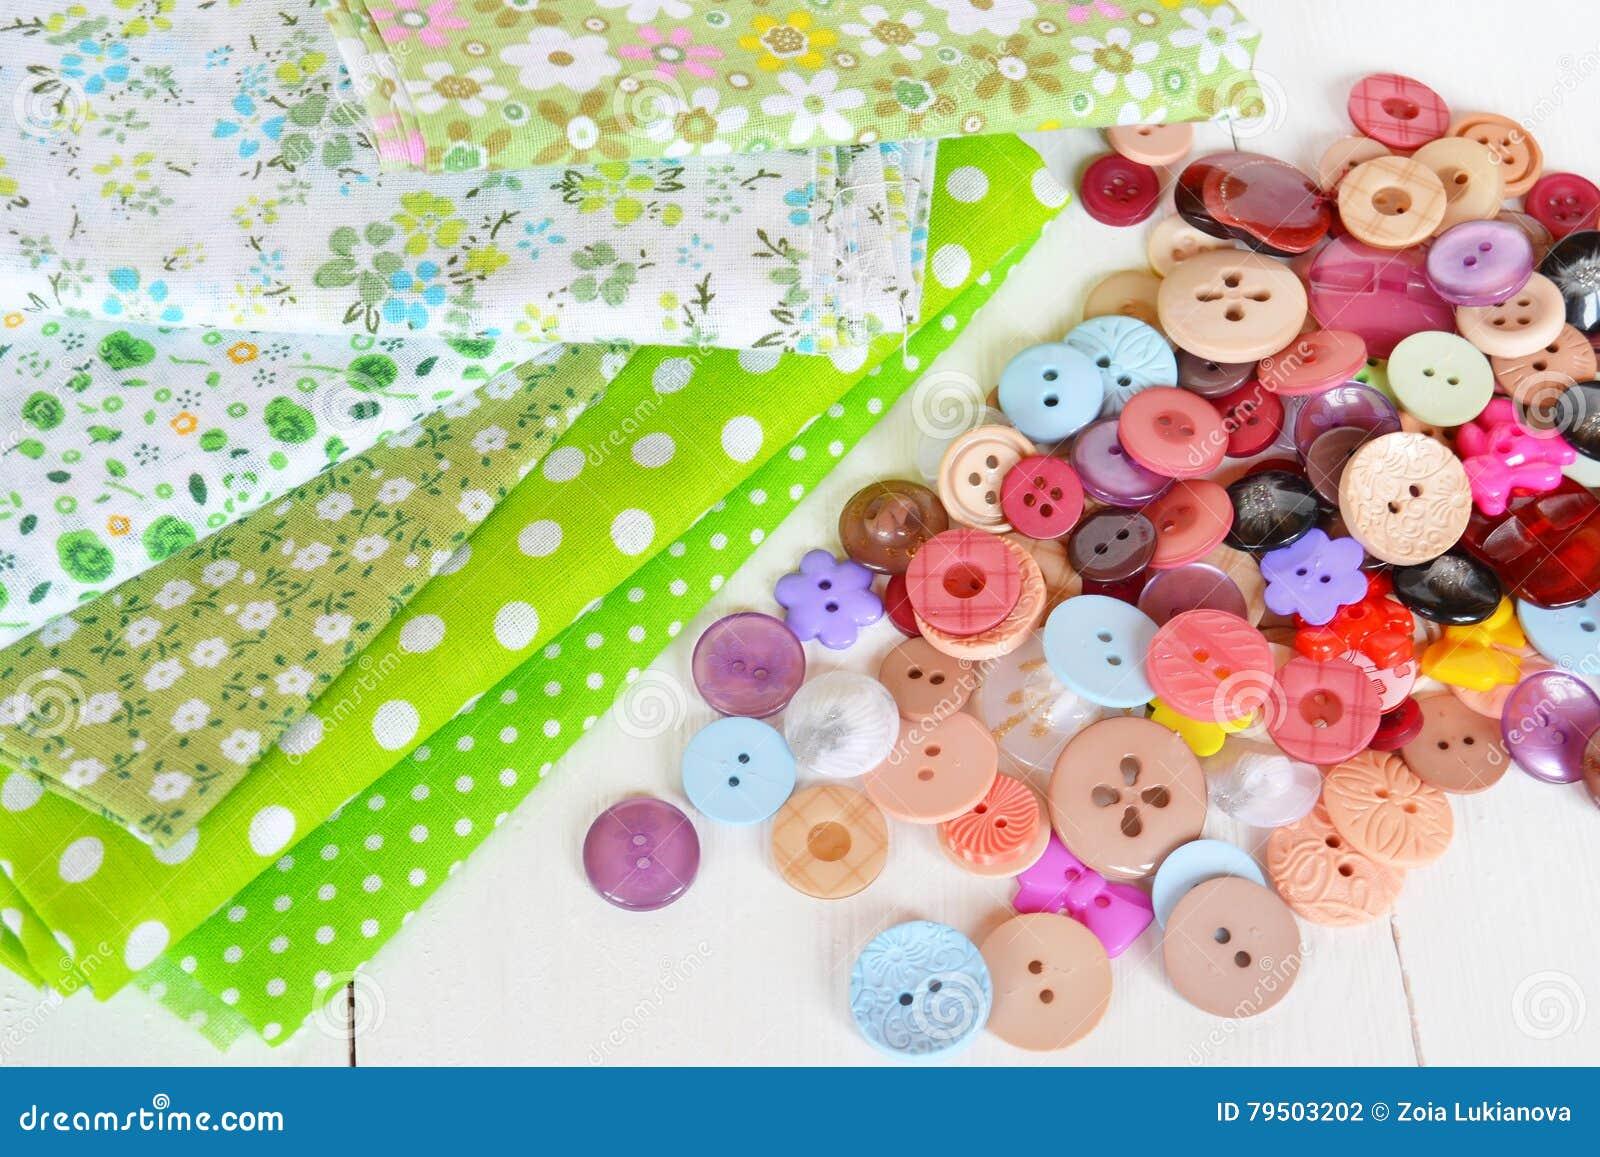 Acessórios para costurar: tela, botões ajustados